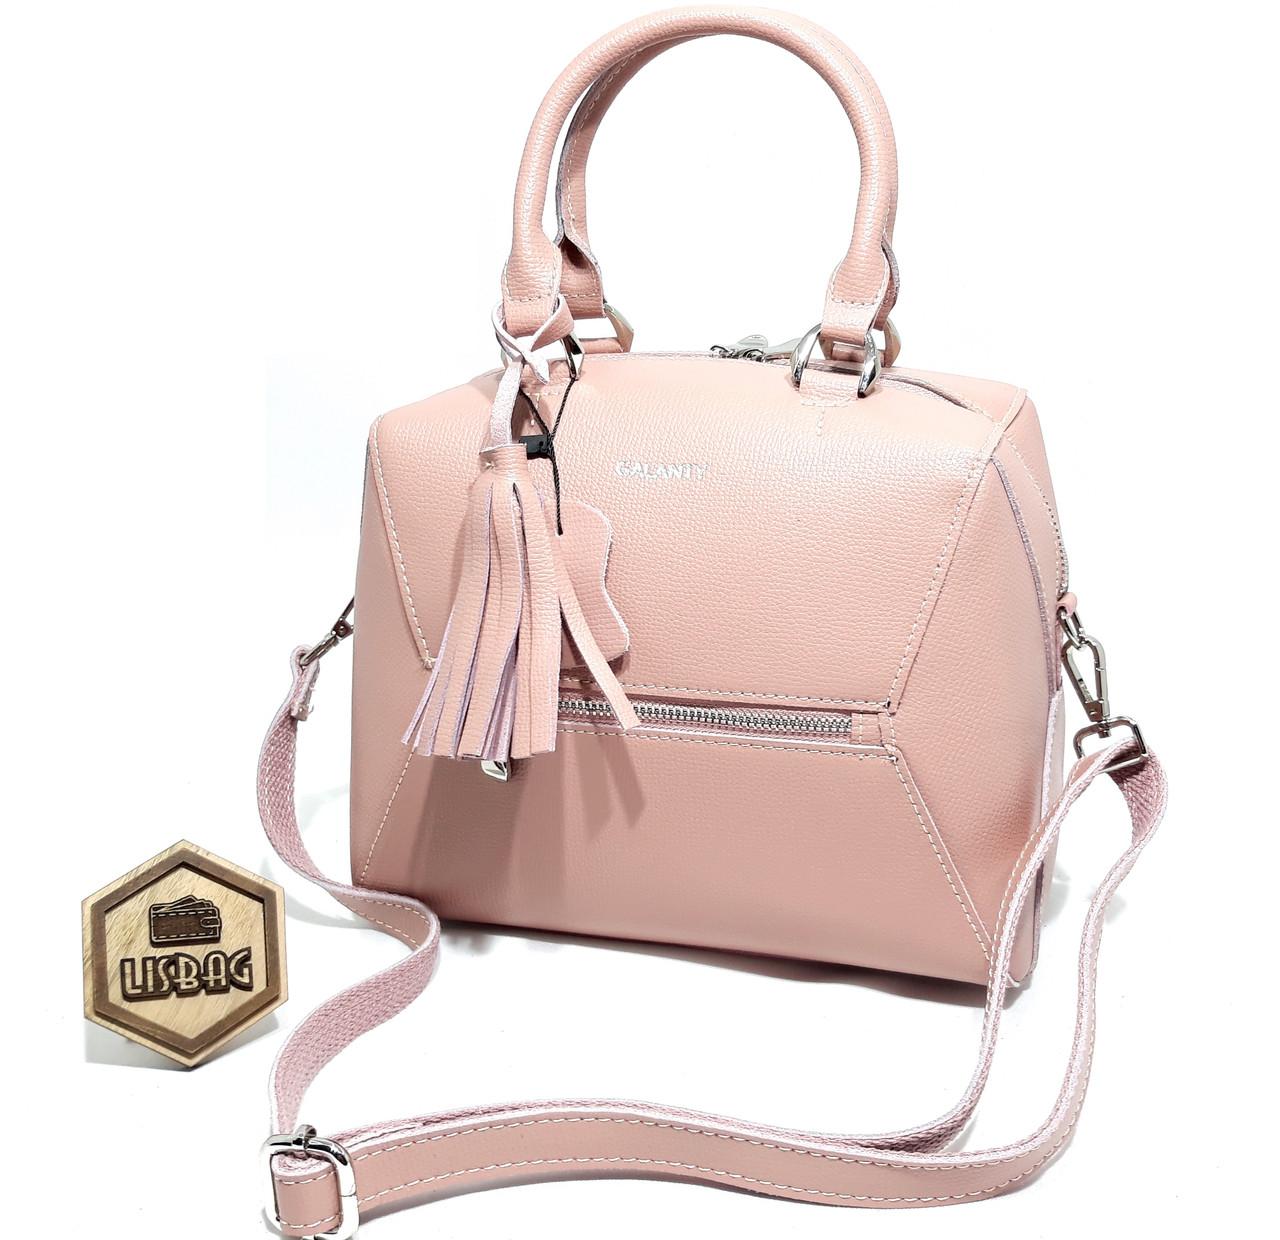 b359080c4672 Женская сумка-чемоданчик Розовый через плечо из натуральной плотной кожи,  Galanty